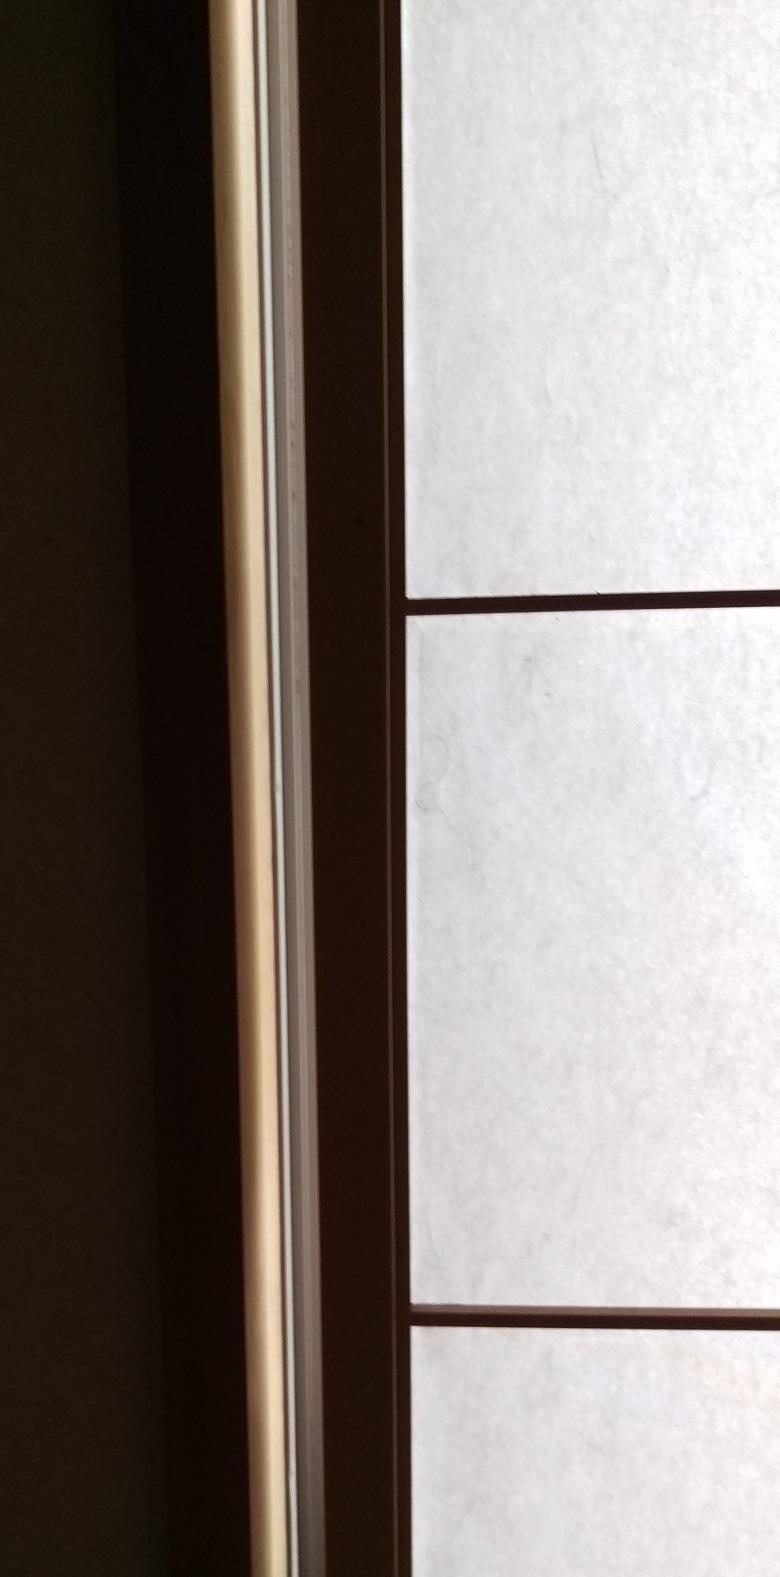 和室の窓ガラスの結露を簡単に解消出来る方法